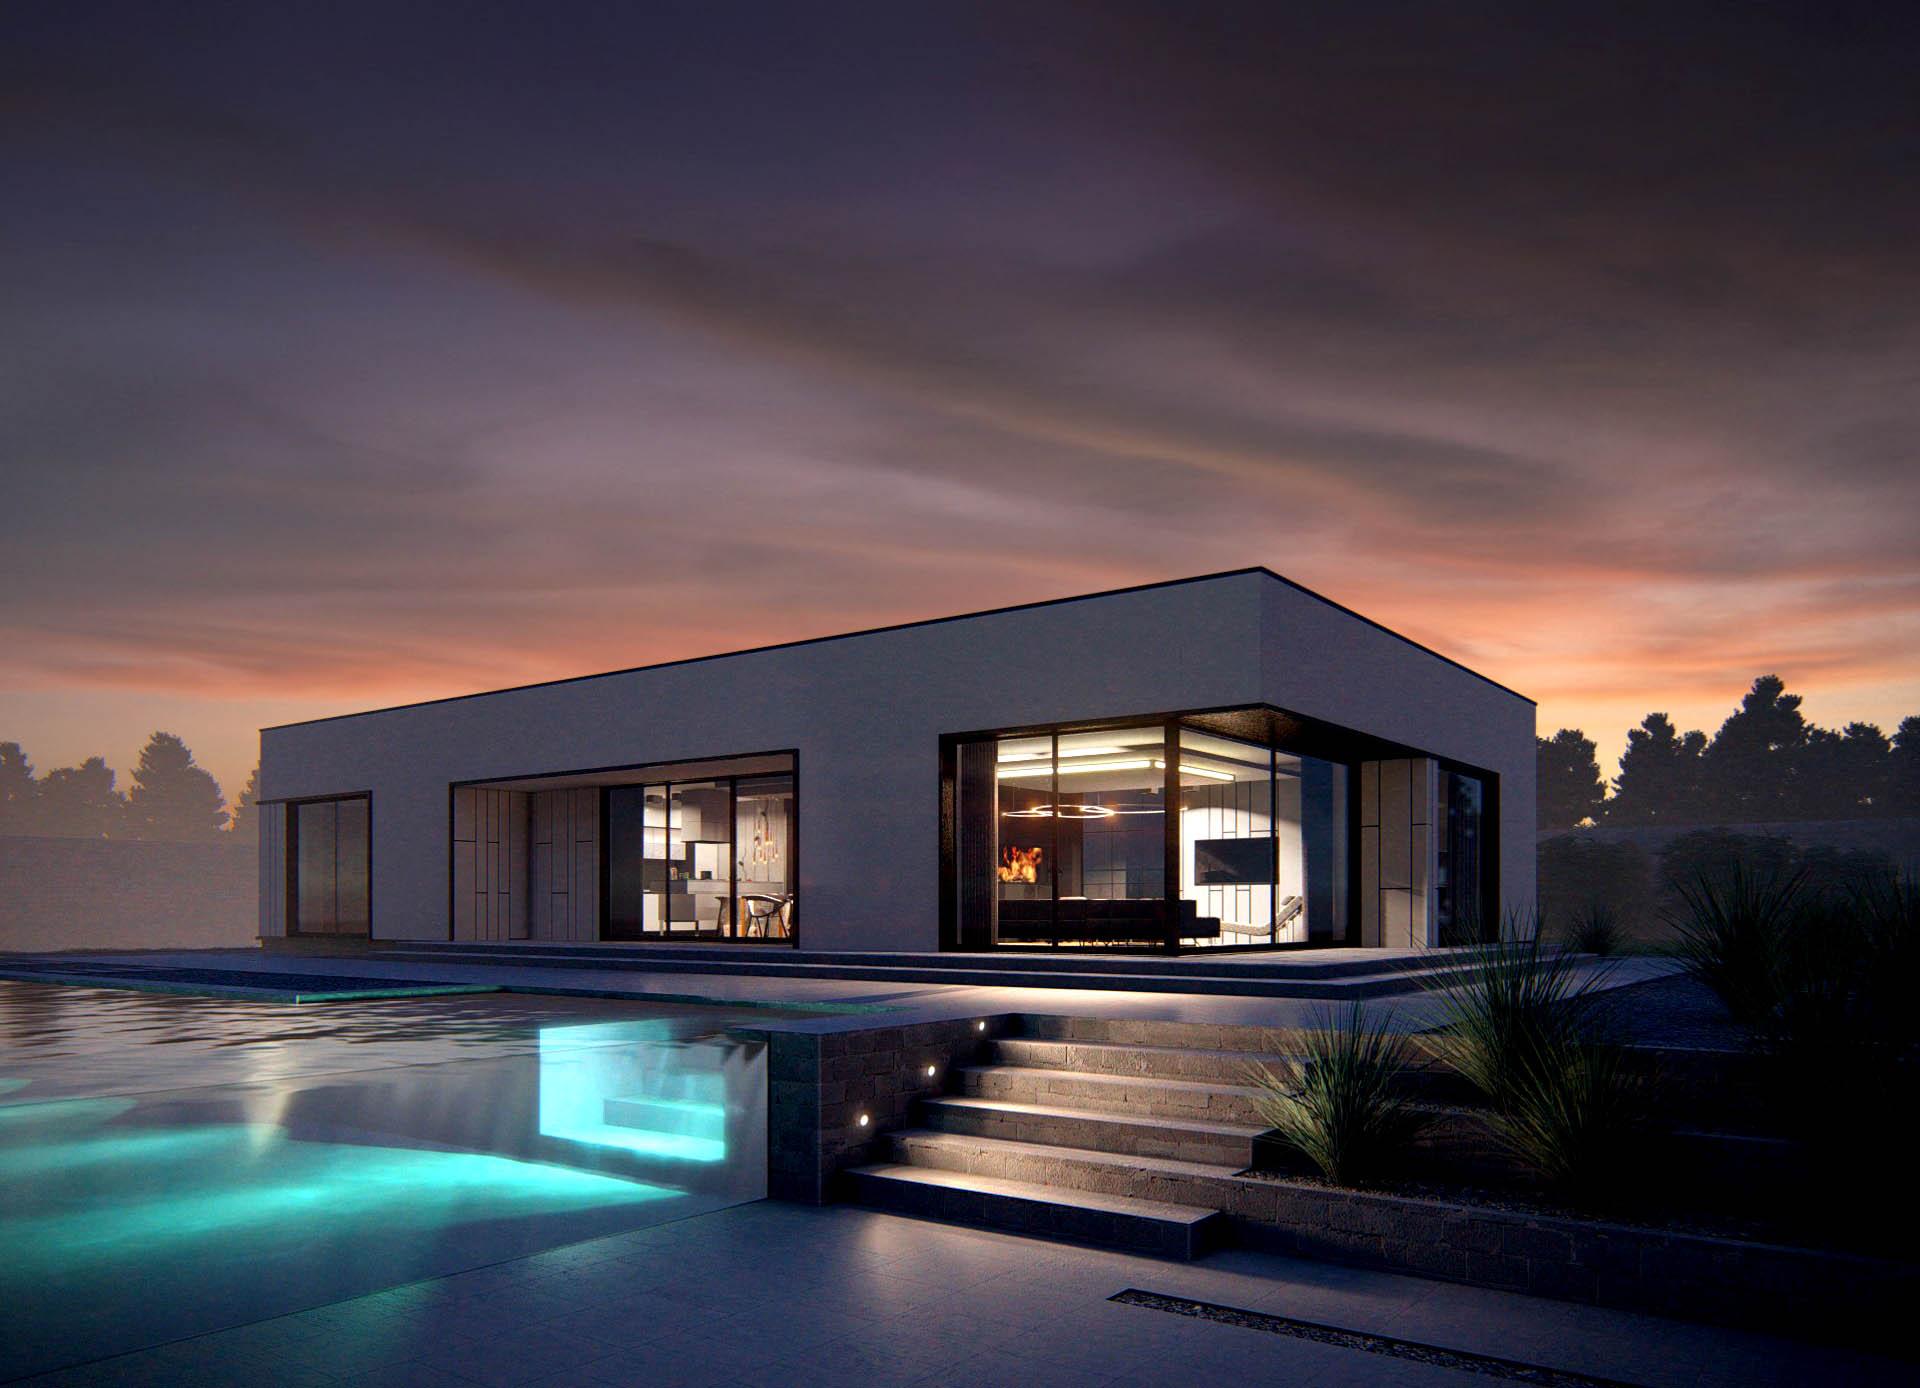 wizualizacja 3d domu